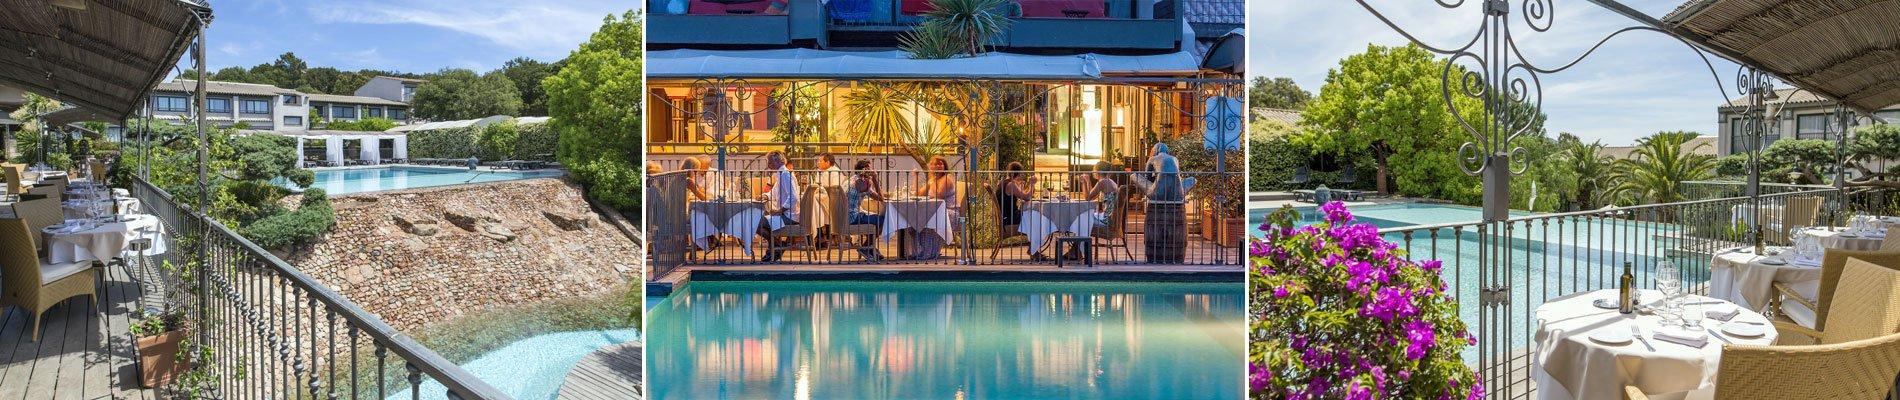 hotel-le-roi-theodore-porto-vecchio-corsica-reizen